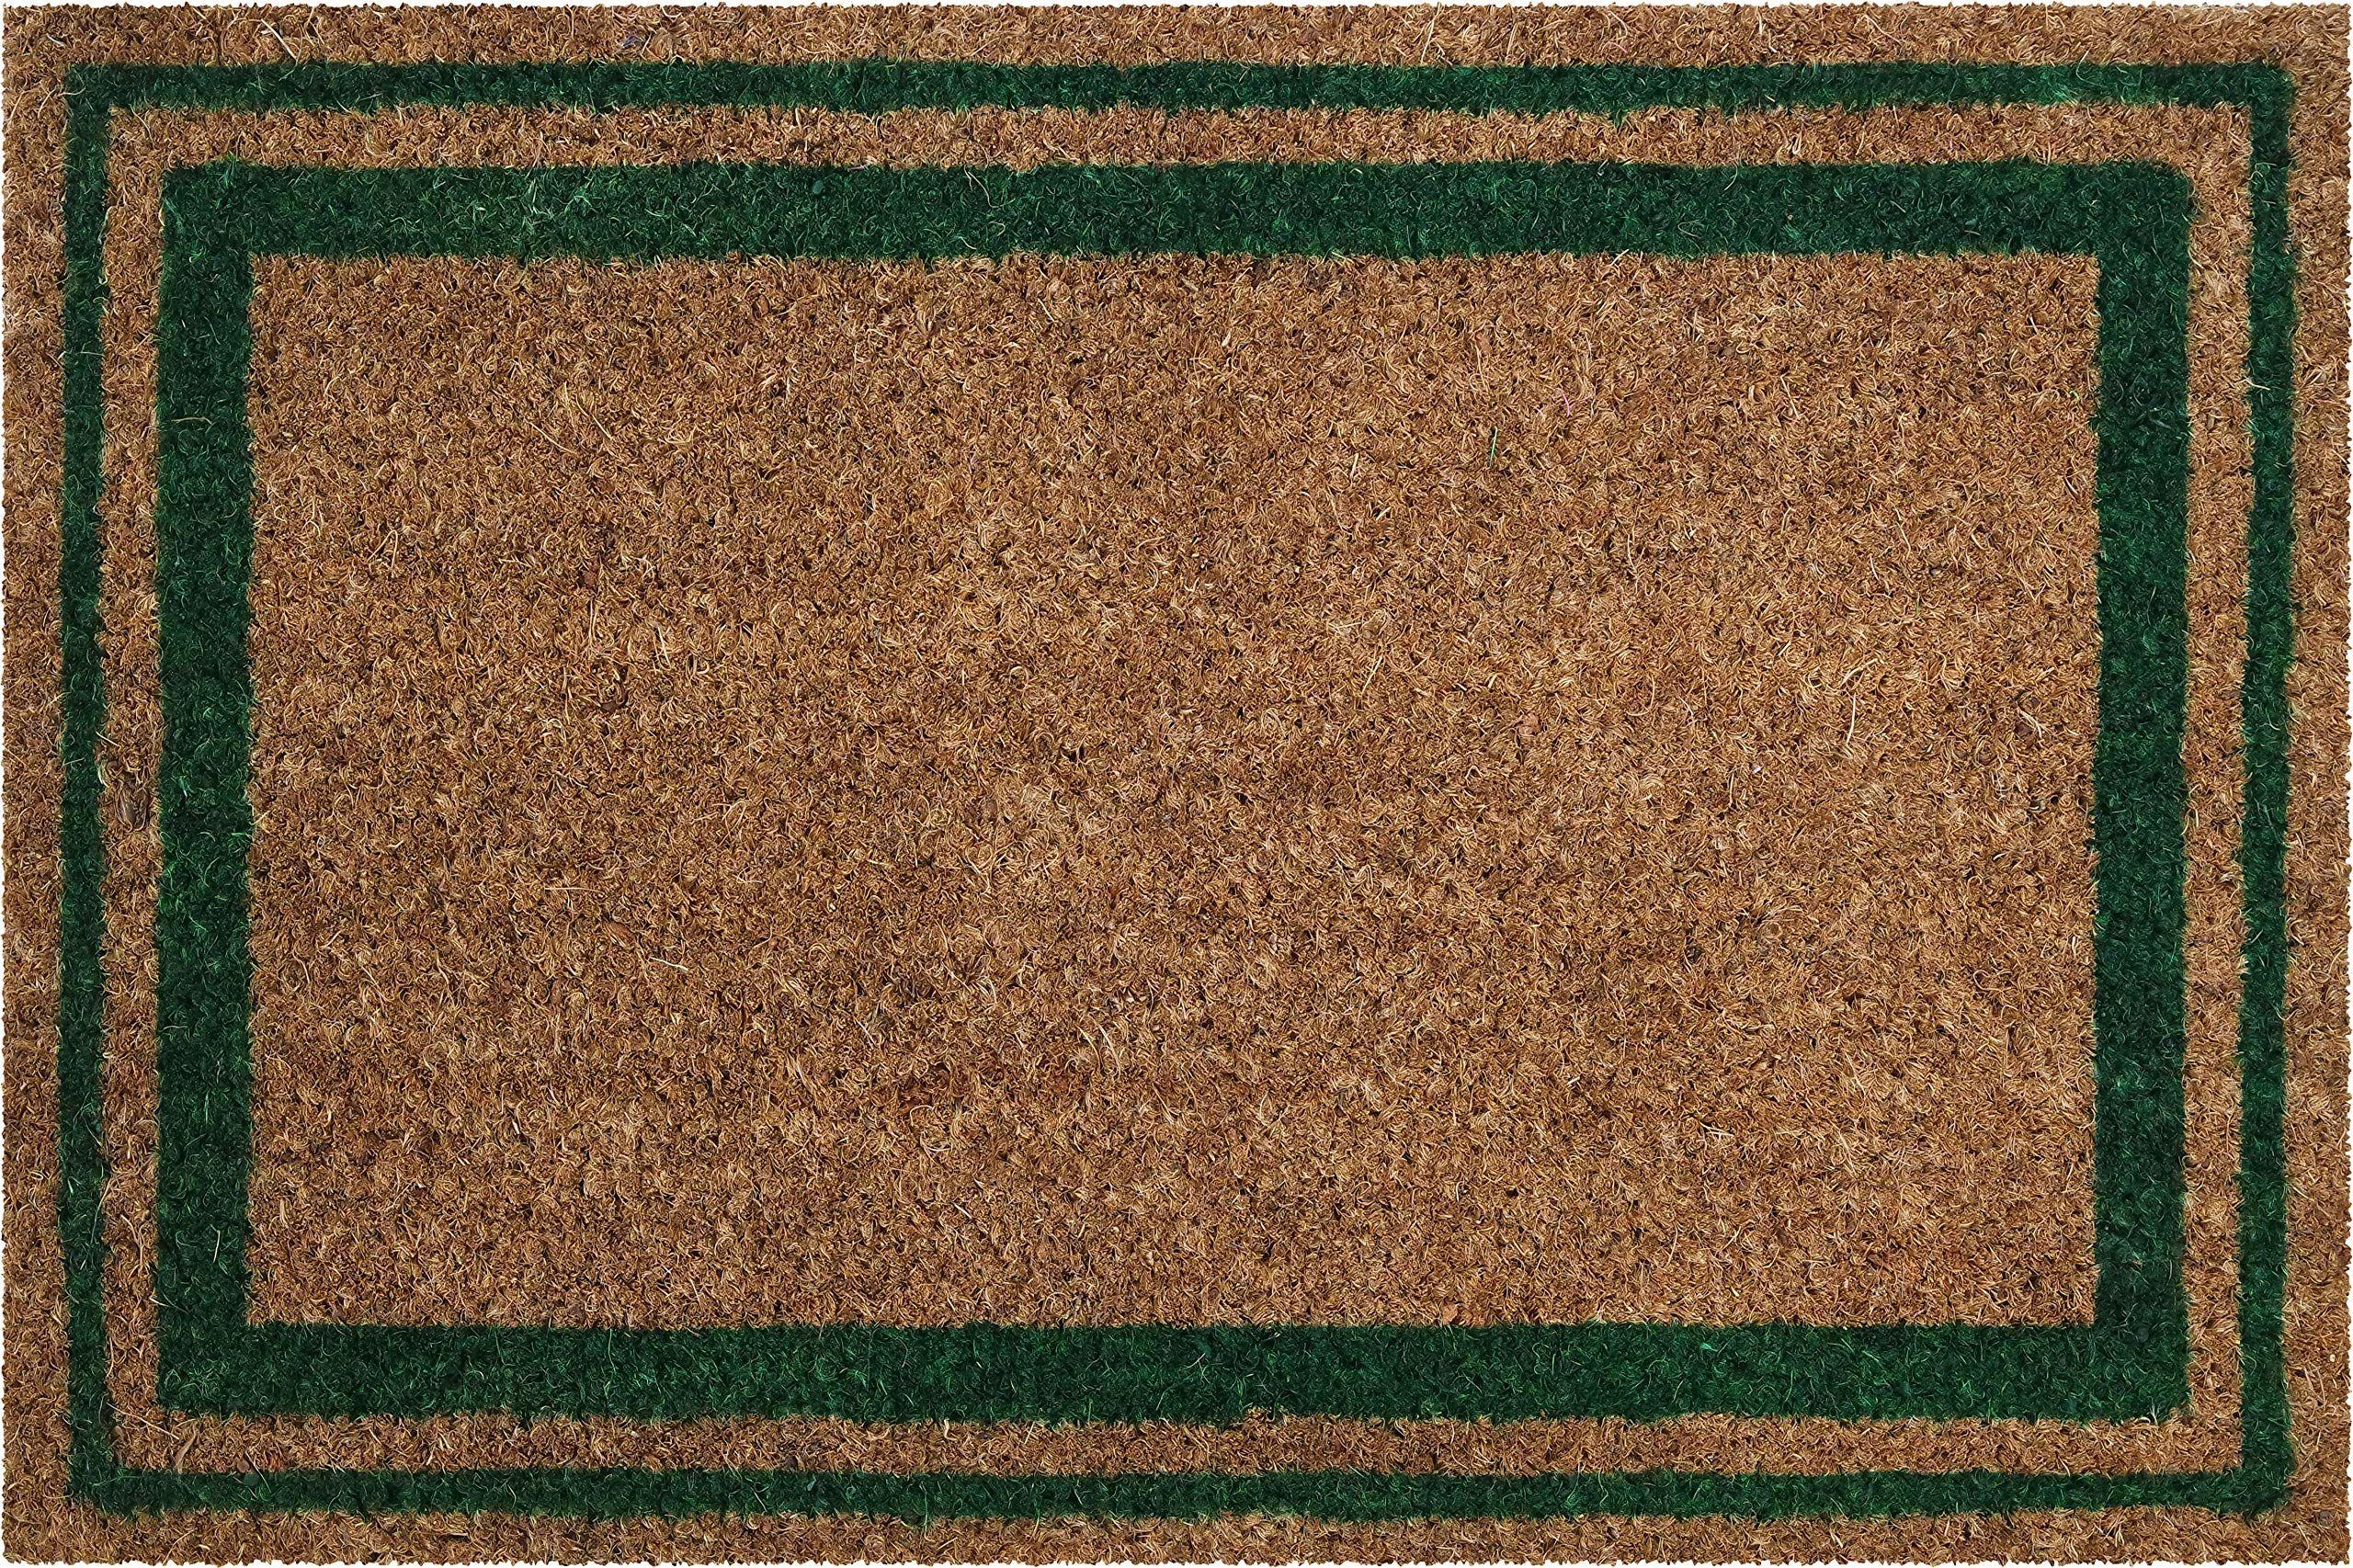 ID mat t 406007 Krawędzie Dywan Wycieraczka Materac kokosowy / PVC naturalny/zielony 60 x 40 x 1,5 cm